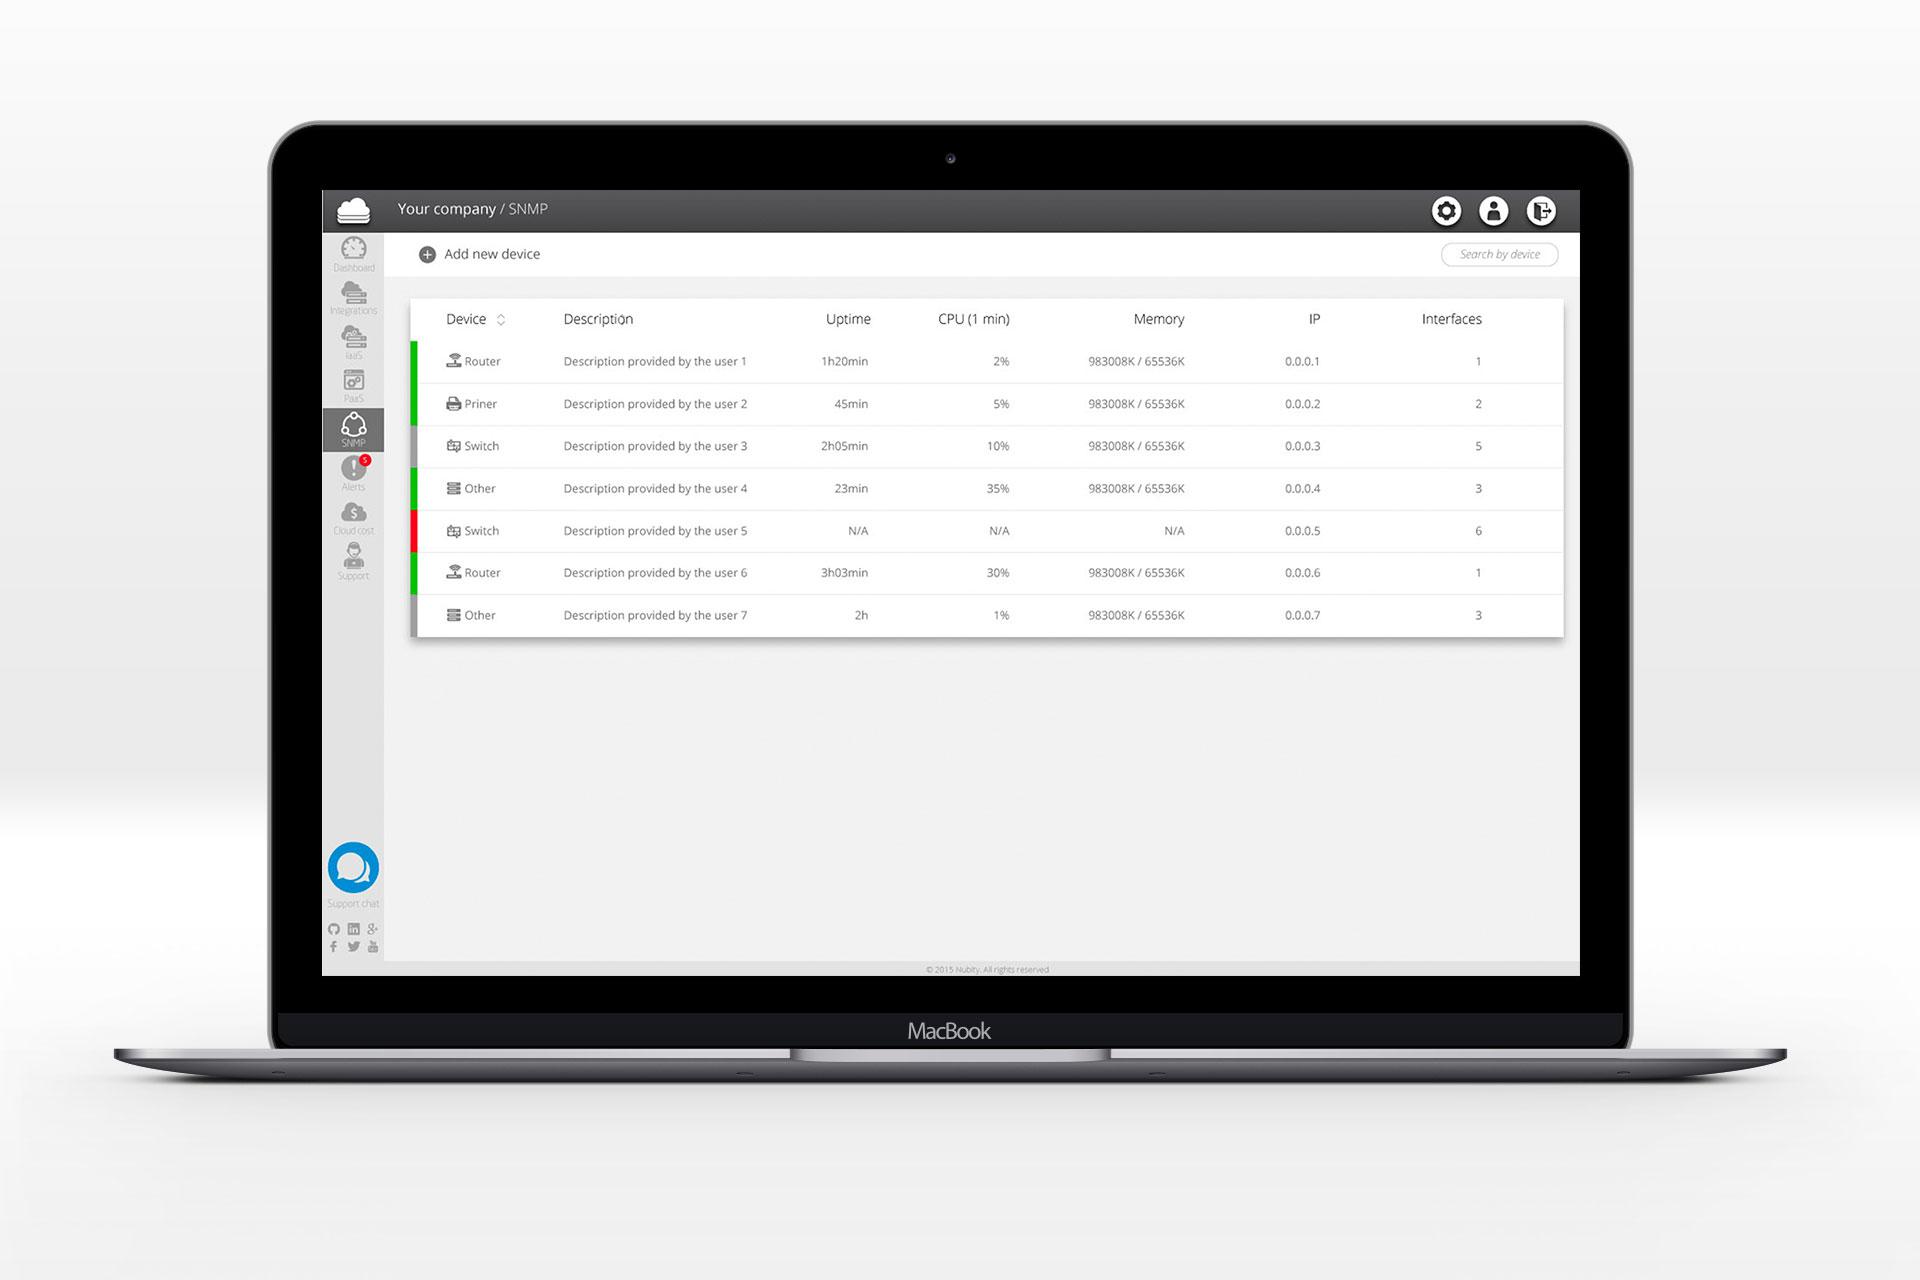 Monitoreo SNMP: monitorea tus dispositivos de red